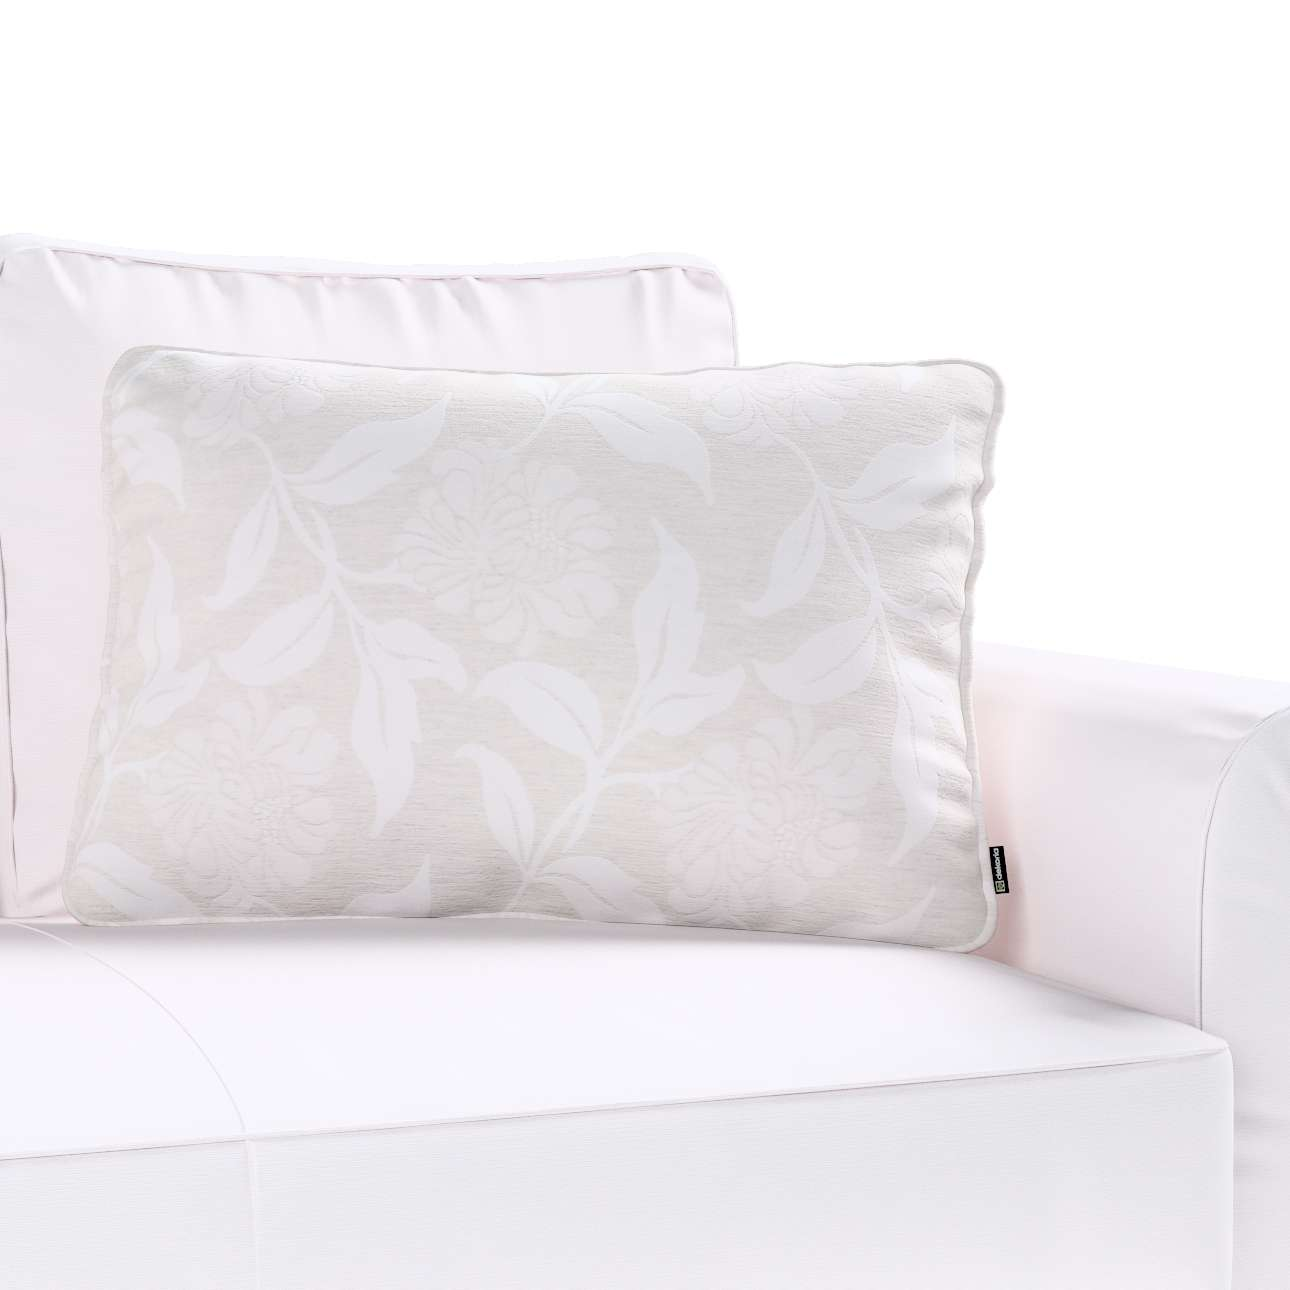 Poszewka Gabi na poduszkę prostokątna 60x40cm w kolekcji Venice, tkanina: 140-51